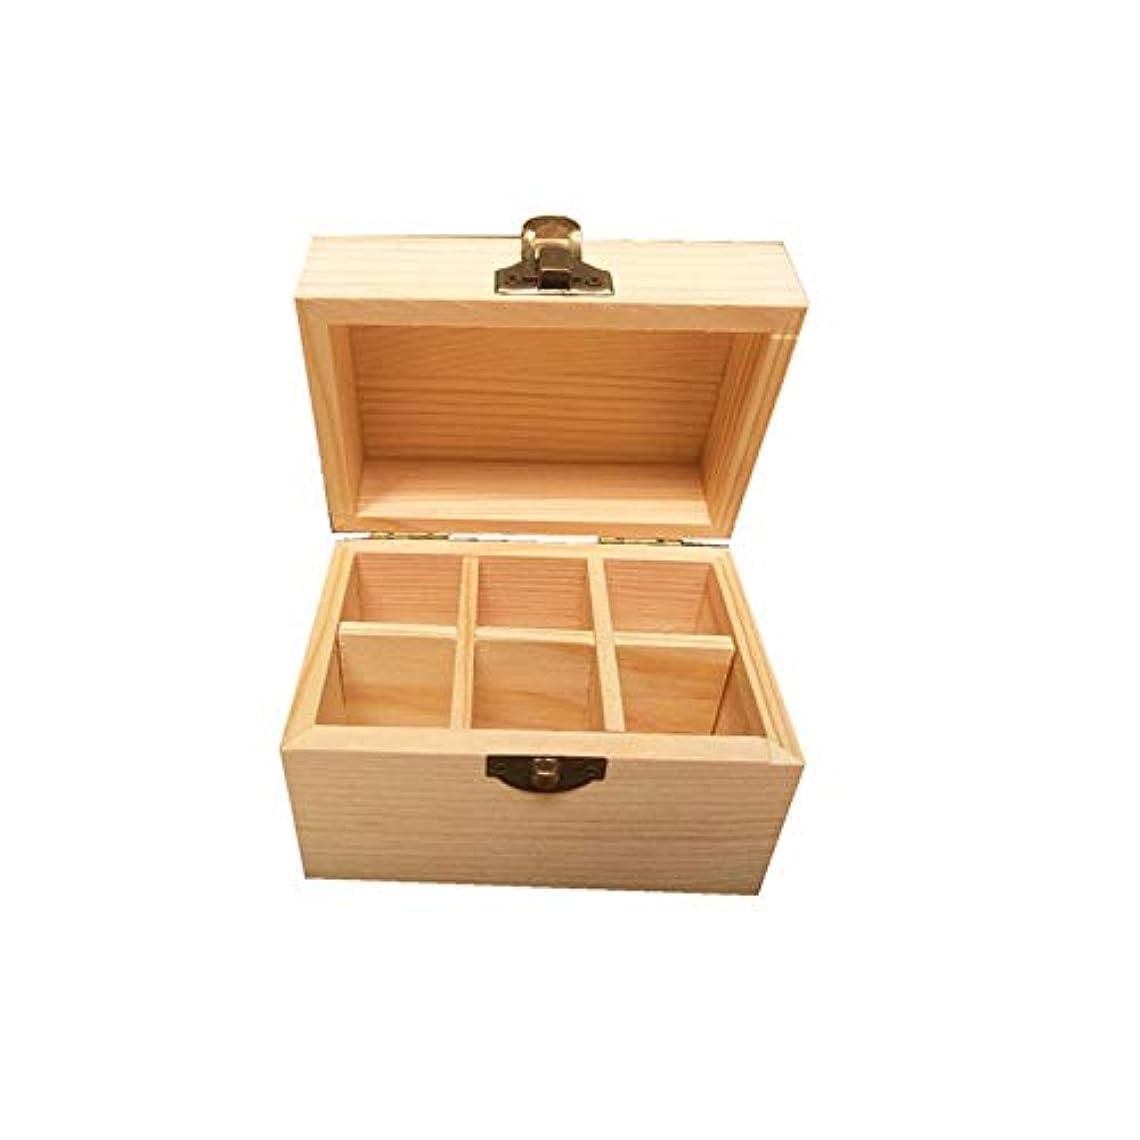 床コモランマ審判エッセンシャルオイルの保管 6つのボトル木製エッセンシャルオイルストレージボックスパーフェクトエッセンシャルオイルケース (色 : Natural, サイズ : 12X8X8.5CM)